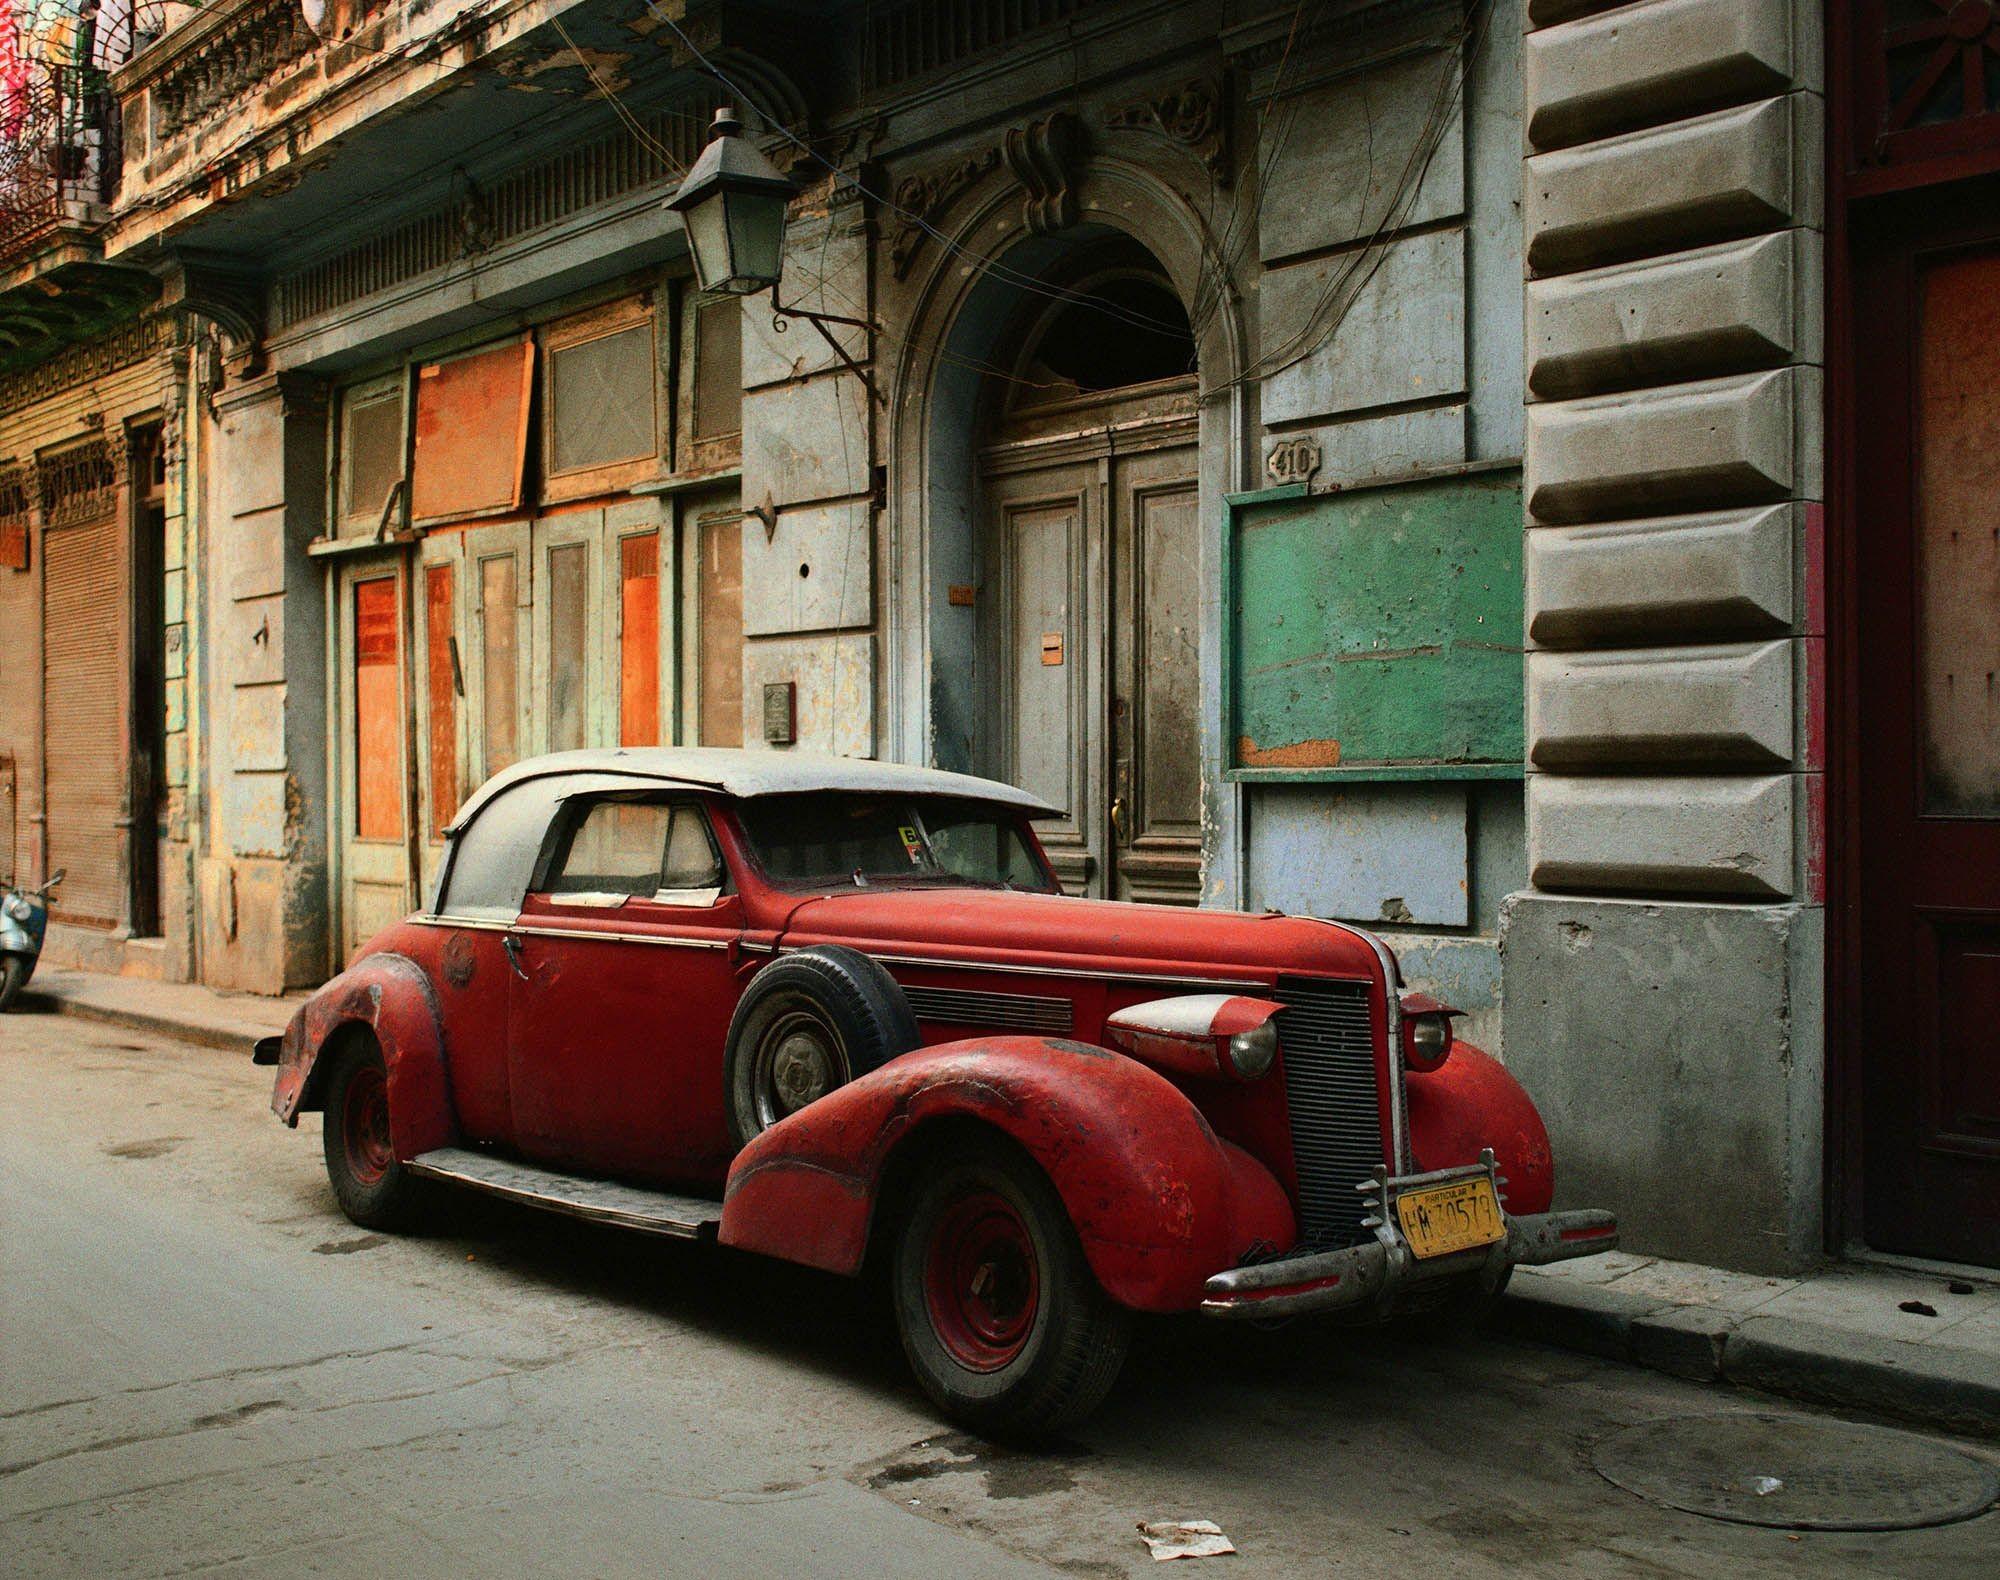 Винтажный автомобиль, Гавана, 1997. Фотограф Роберт Полидори